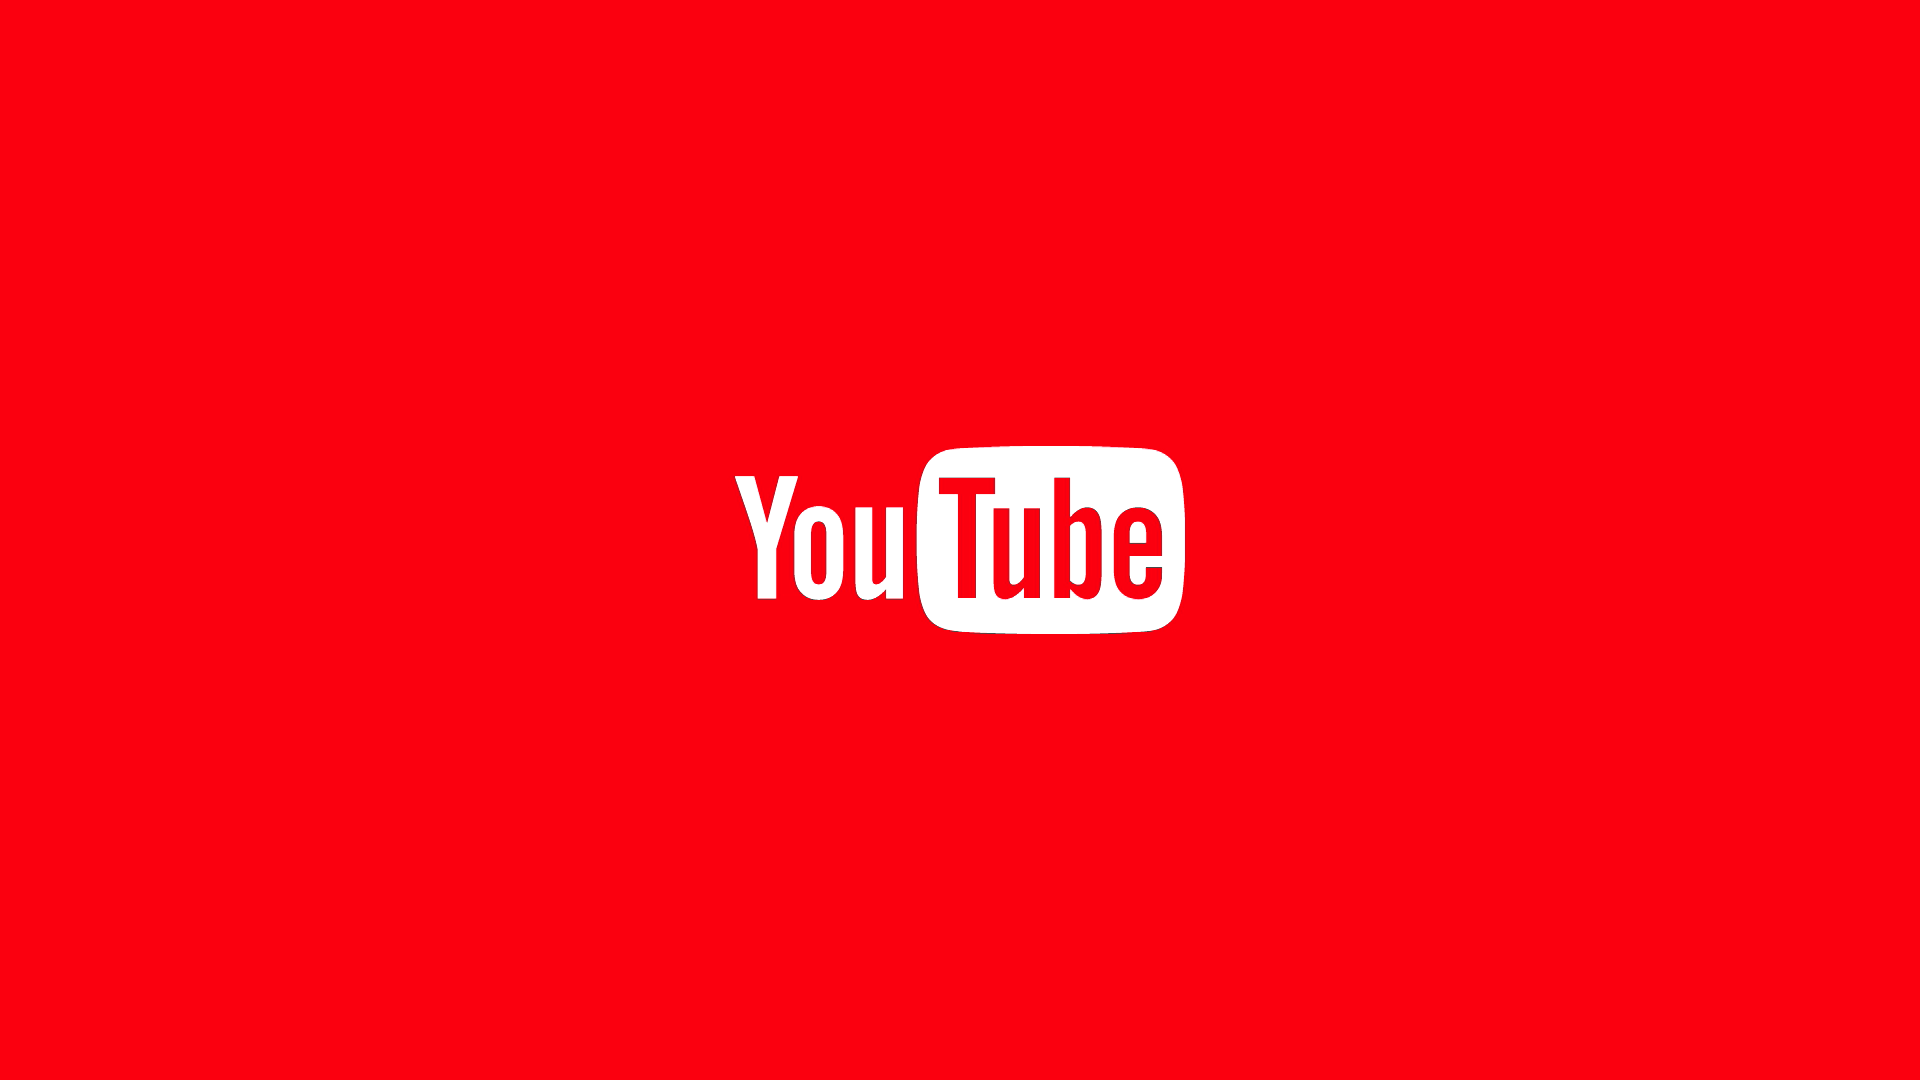 Логотип YouTube